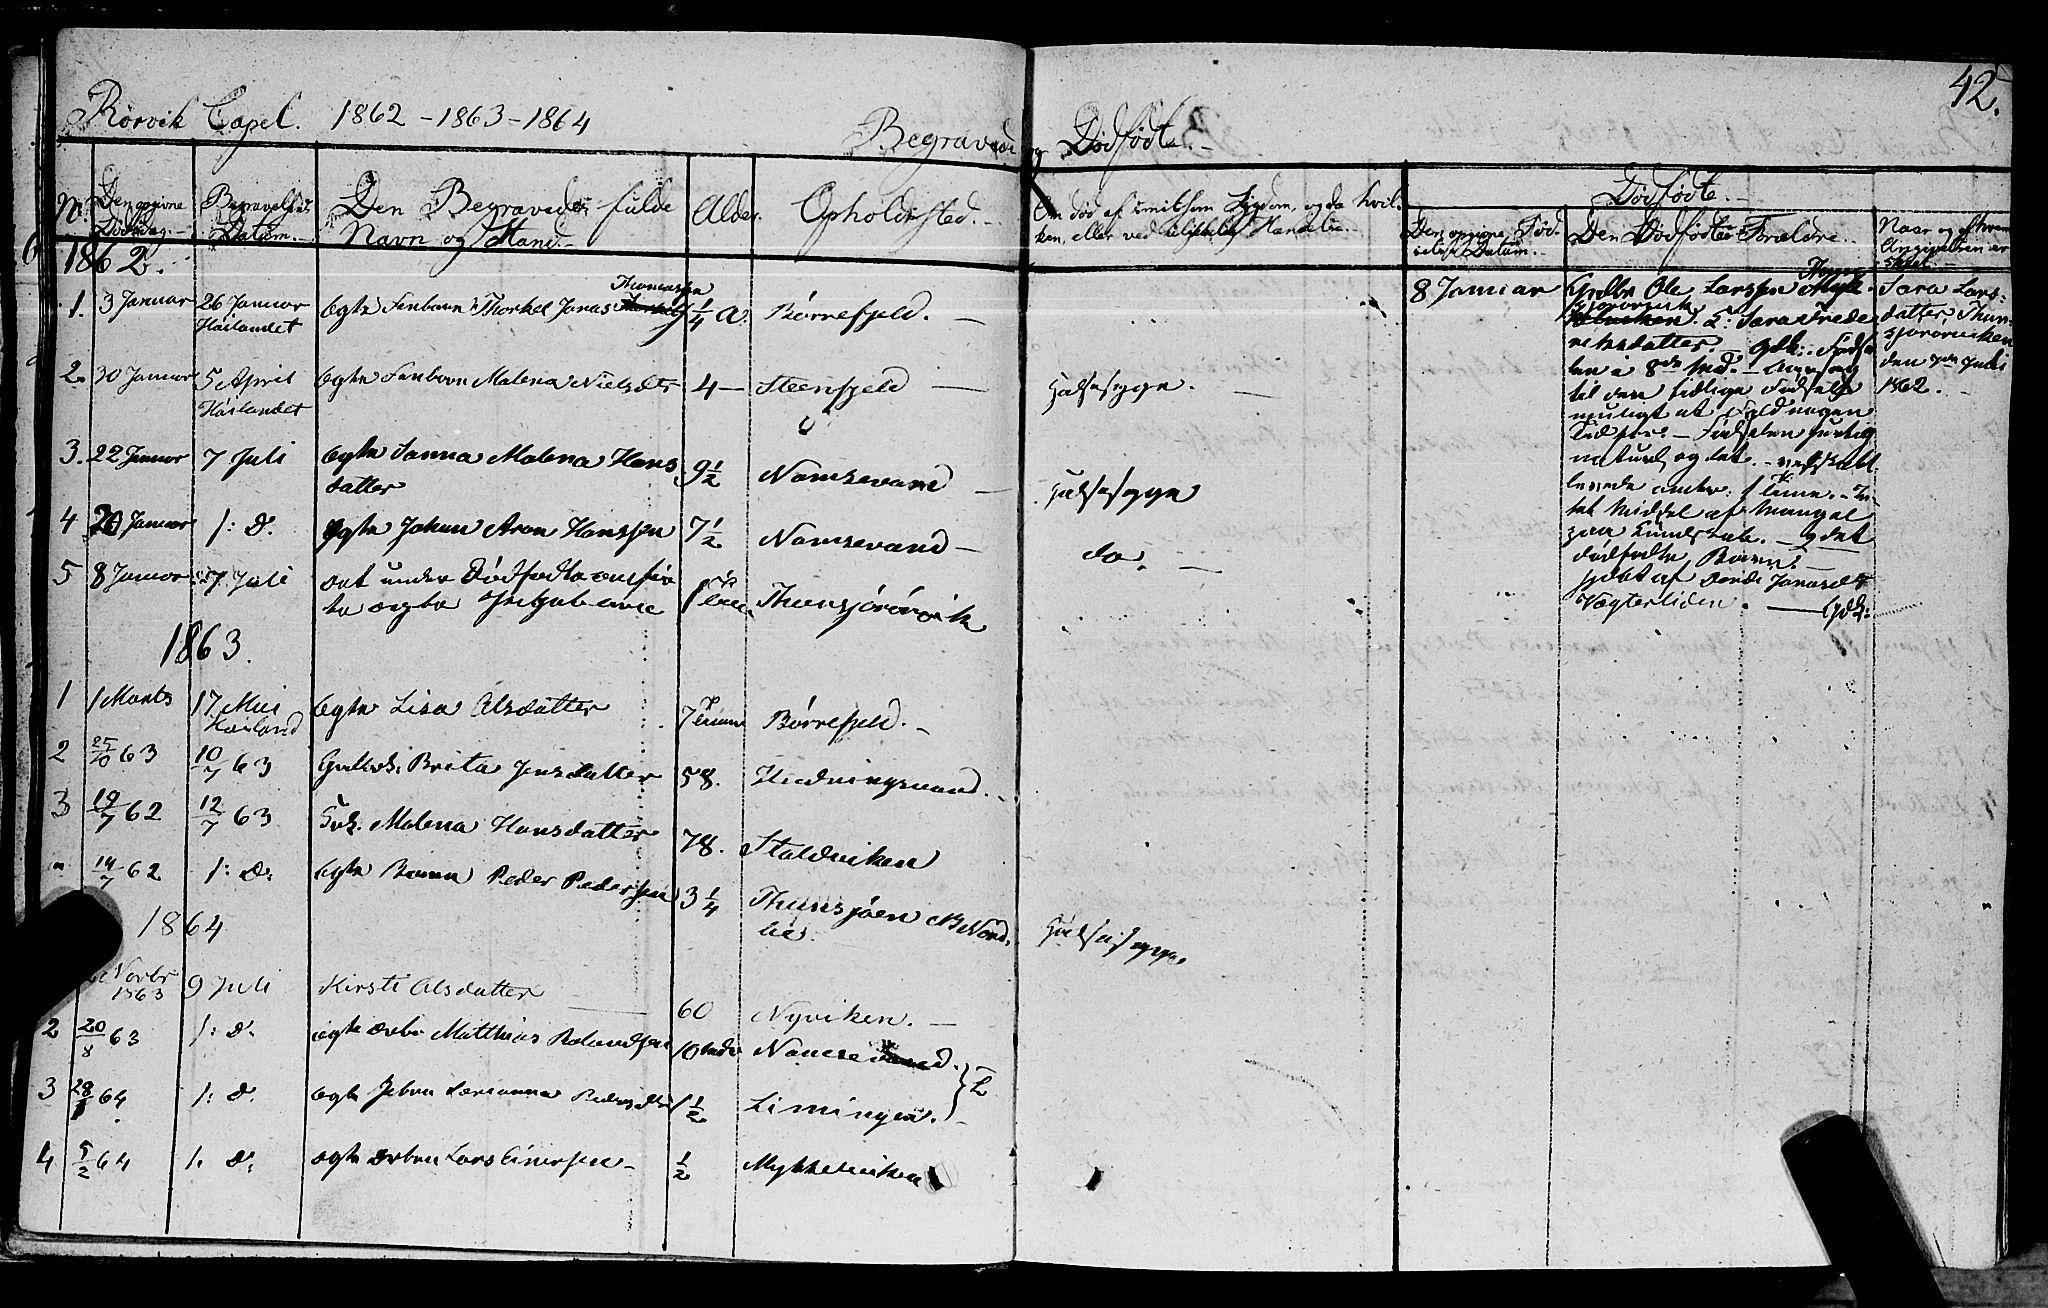 SAT, Ministerialprotokoller, klokkerbøker og fødselsregistre - Nord-Trøndelag, 762/L0538: Ministerialbok nr. 762A02 /1, 1833-1879, s. 42